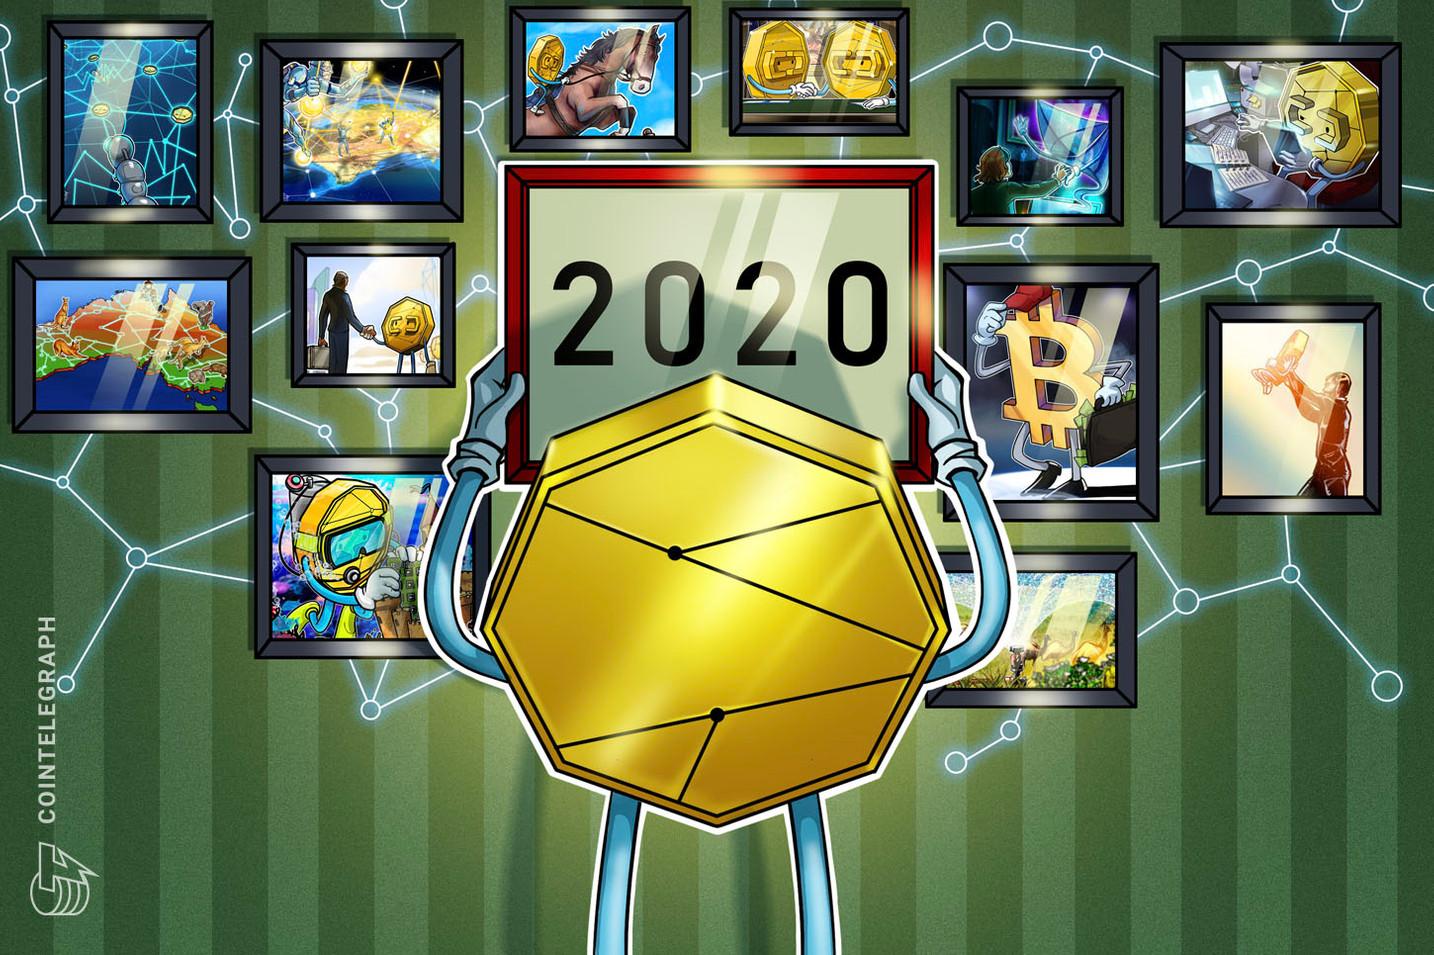 Stablecoins vão dominar mercado de pagamentos internacionais em 2021, segundo CZ da Binance